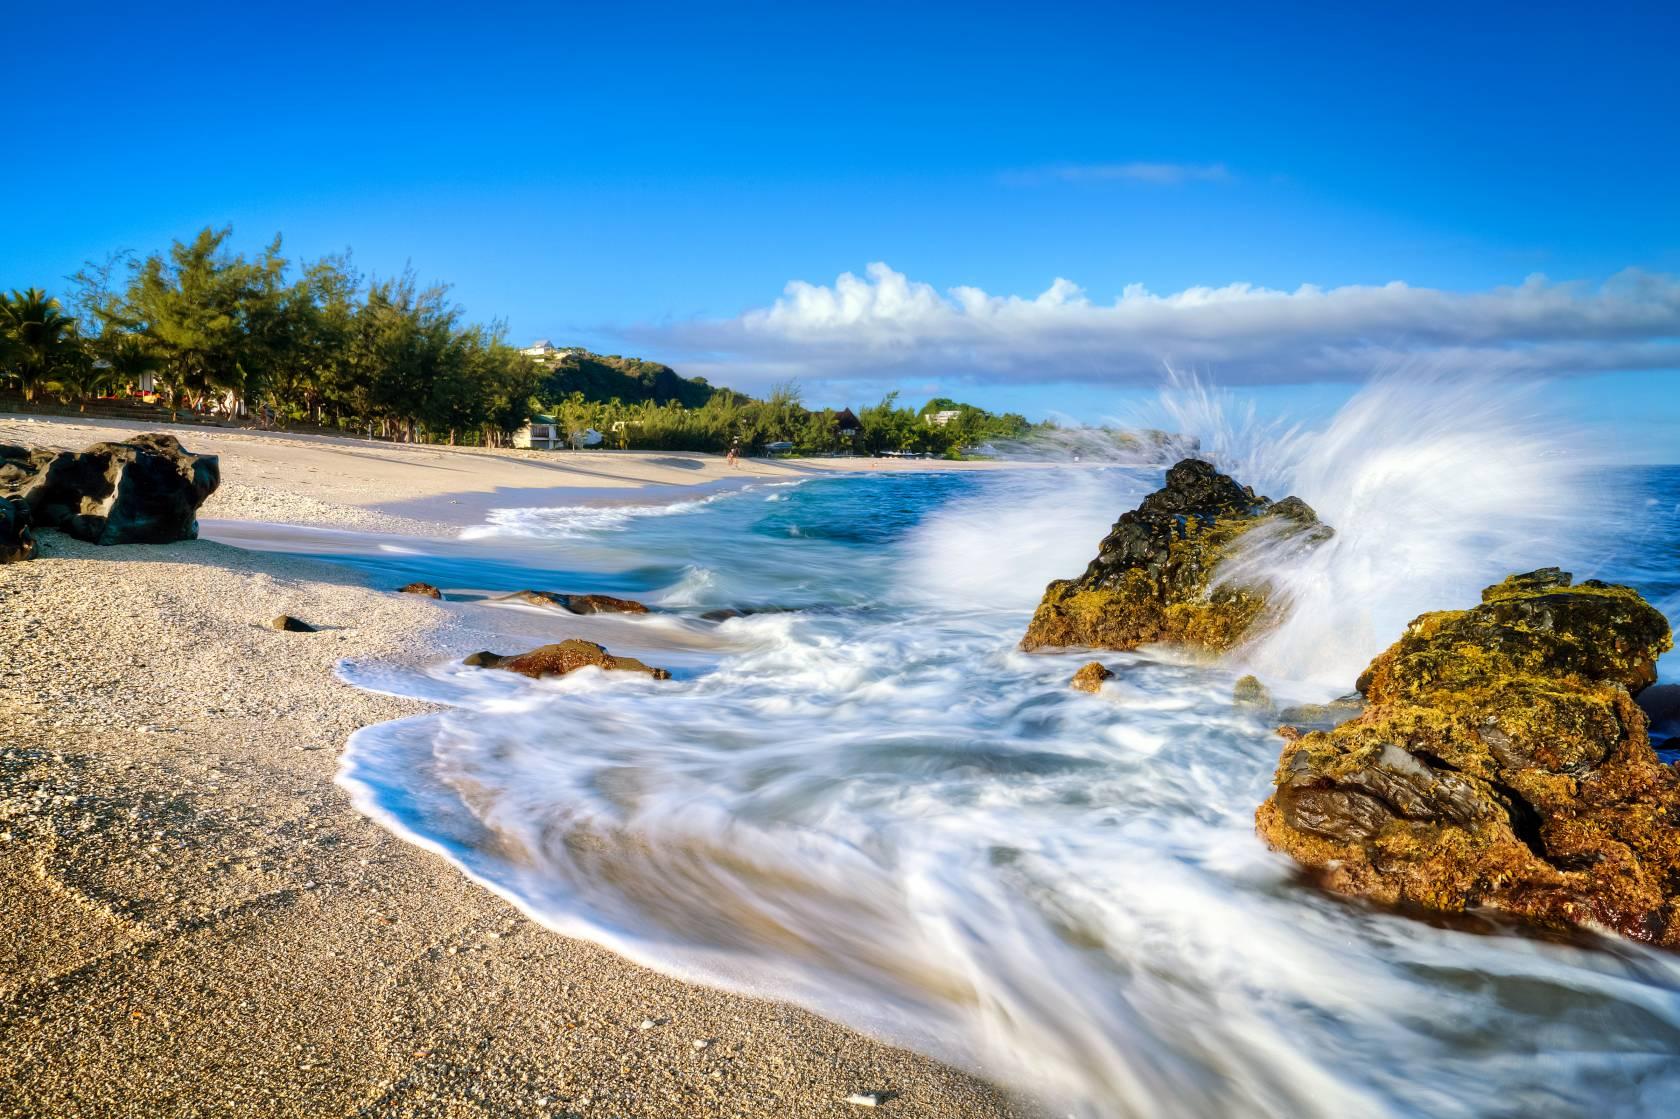 Photo plage île de la réunion